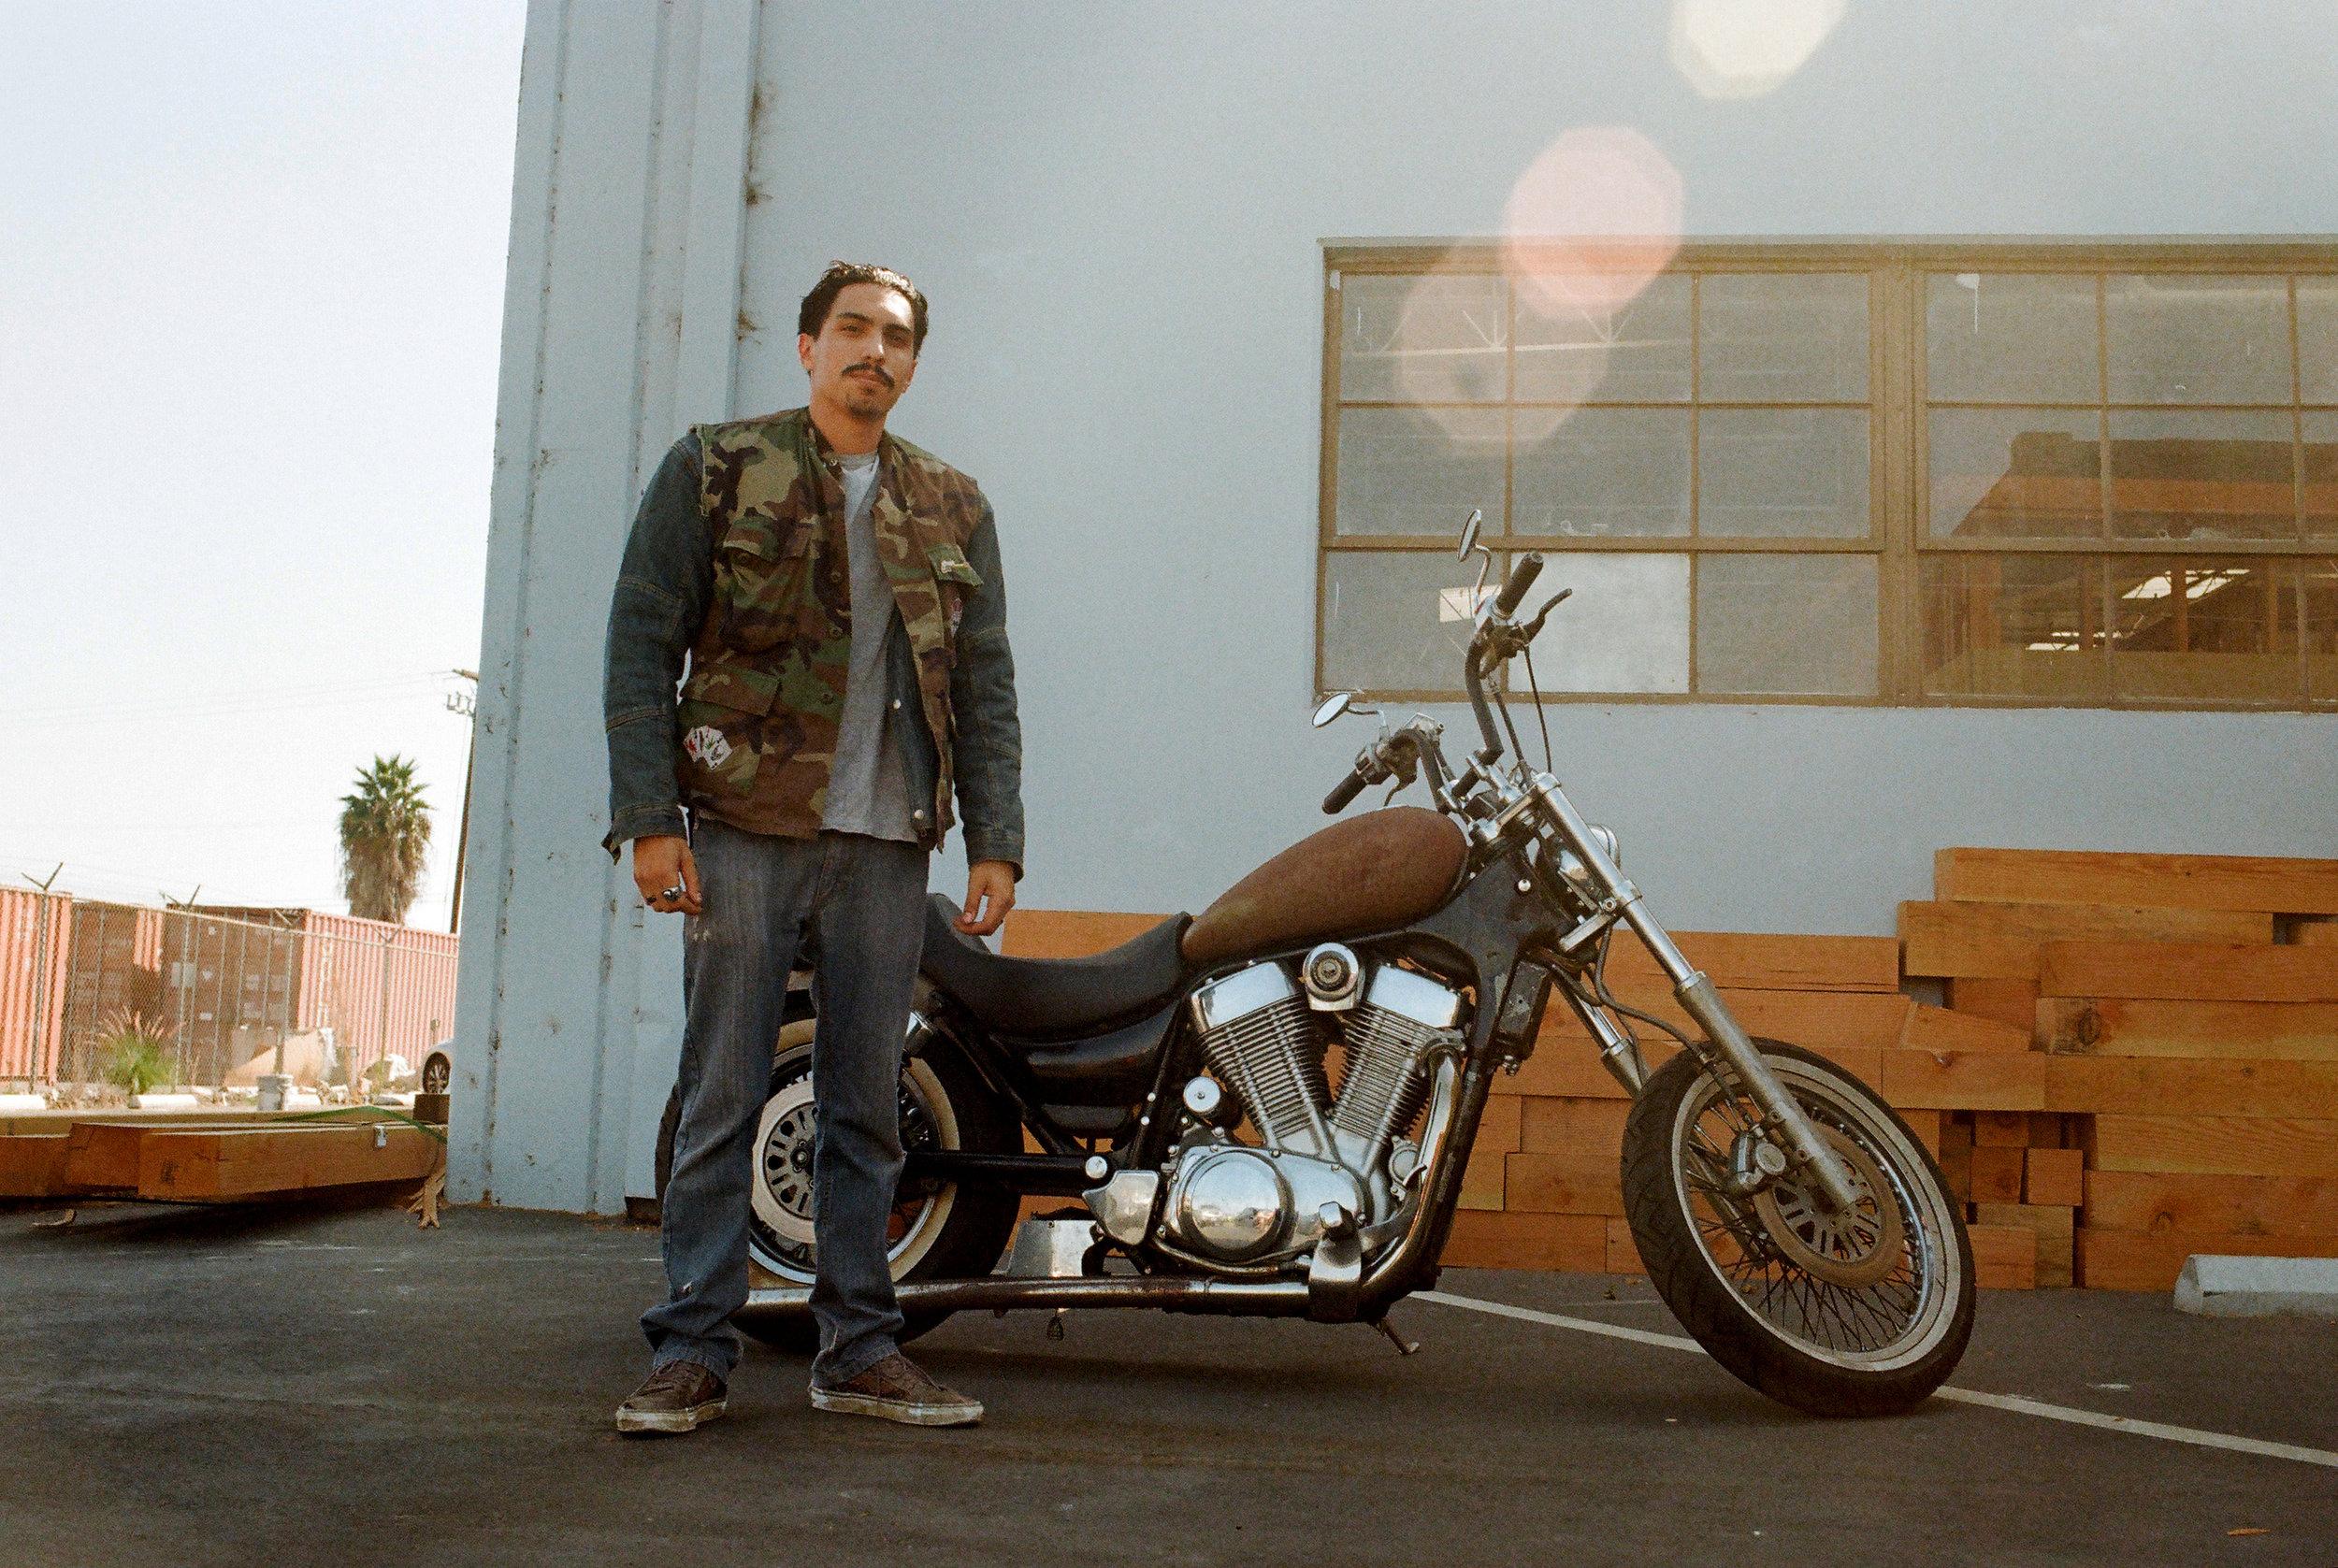 Raf_Motorcycle_Film_Portrait_01.jpg